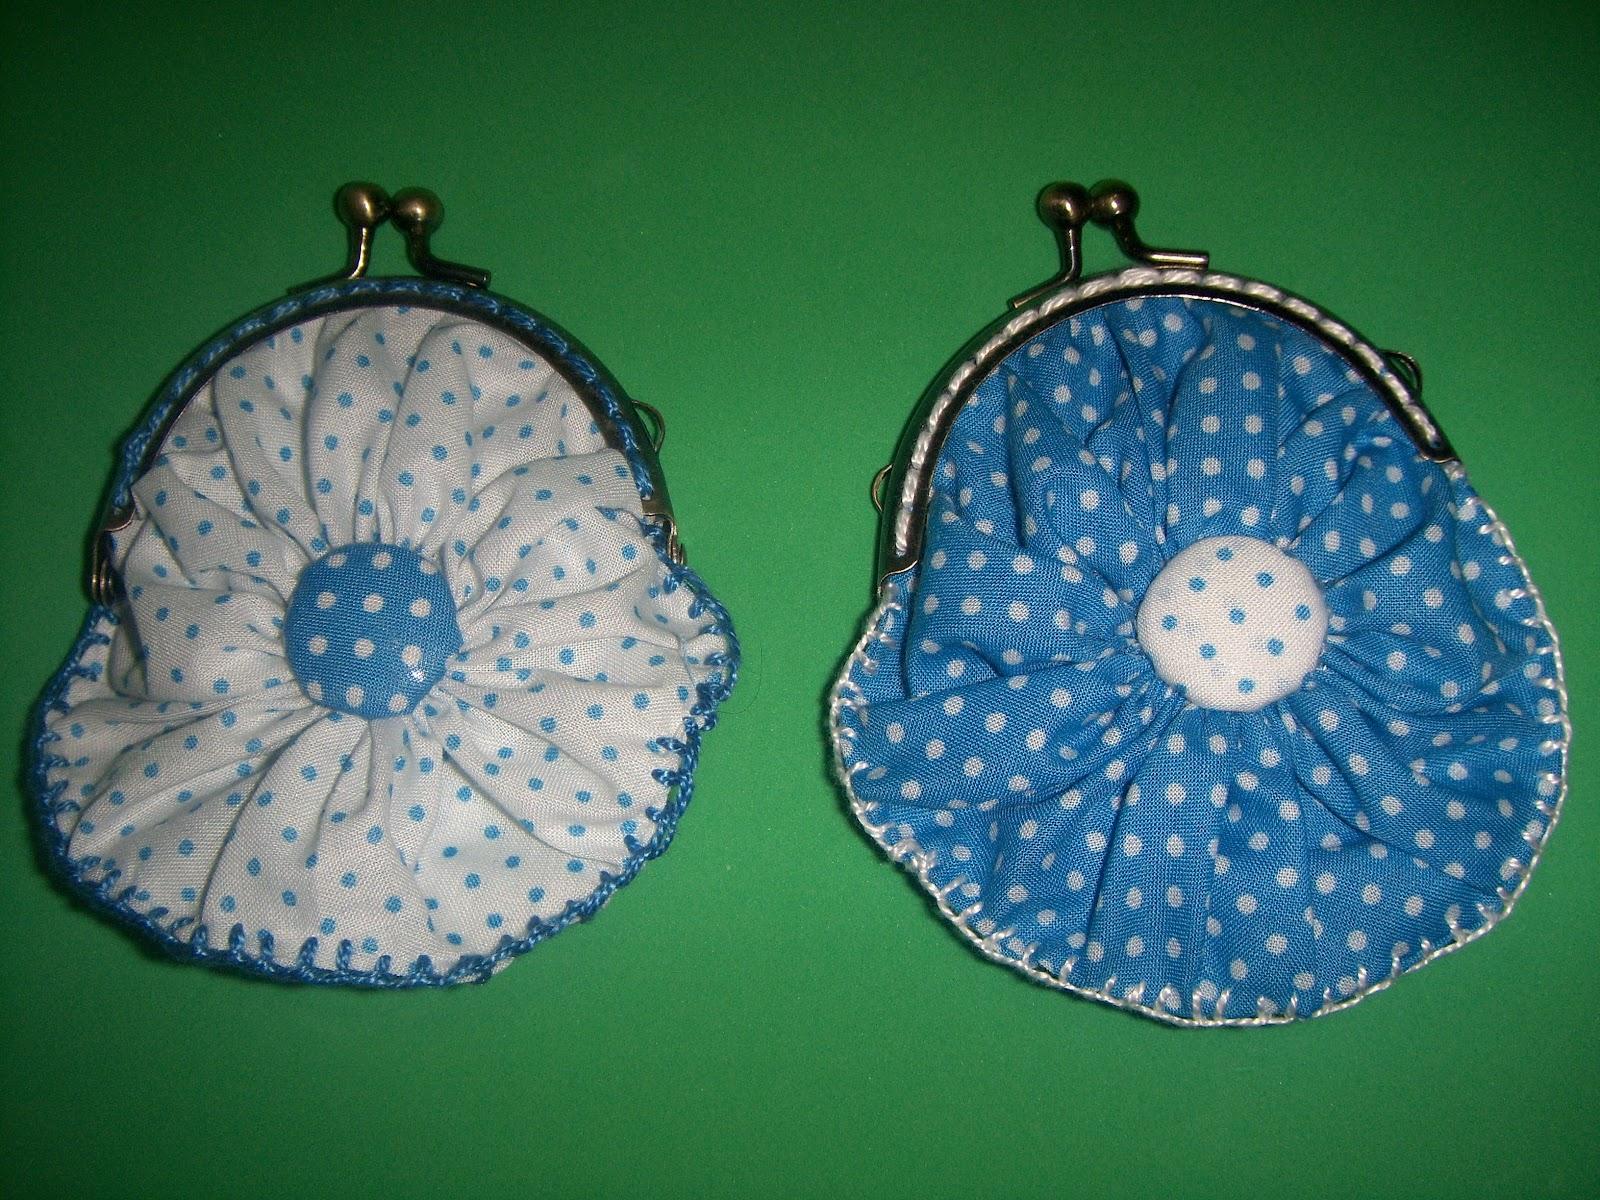 Bolsa De Tecido Com Fecho : Artes da elisa bolsas em tecido com fecho metal